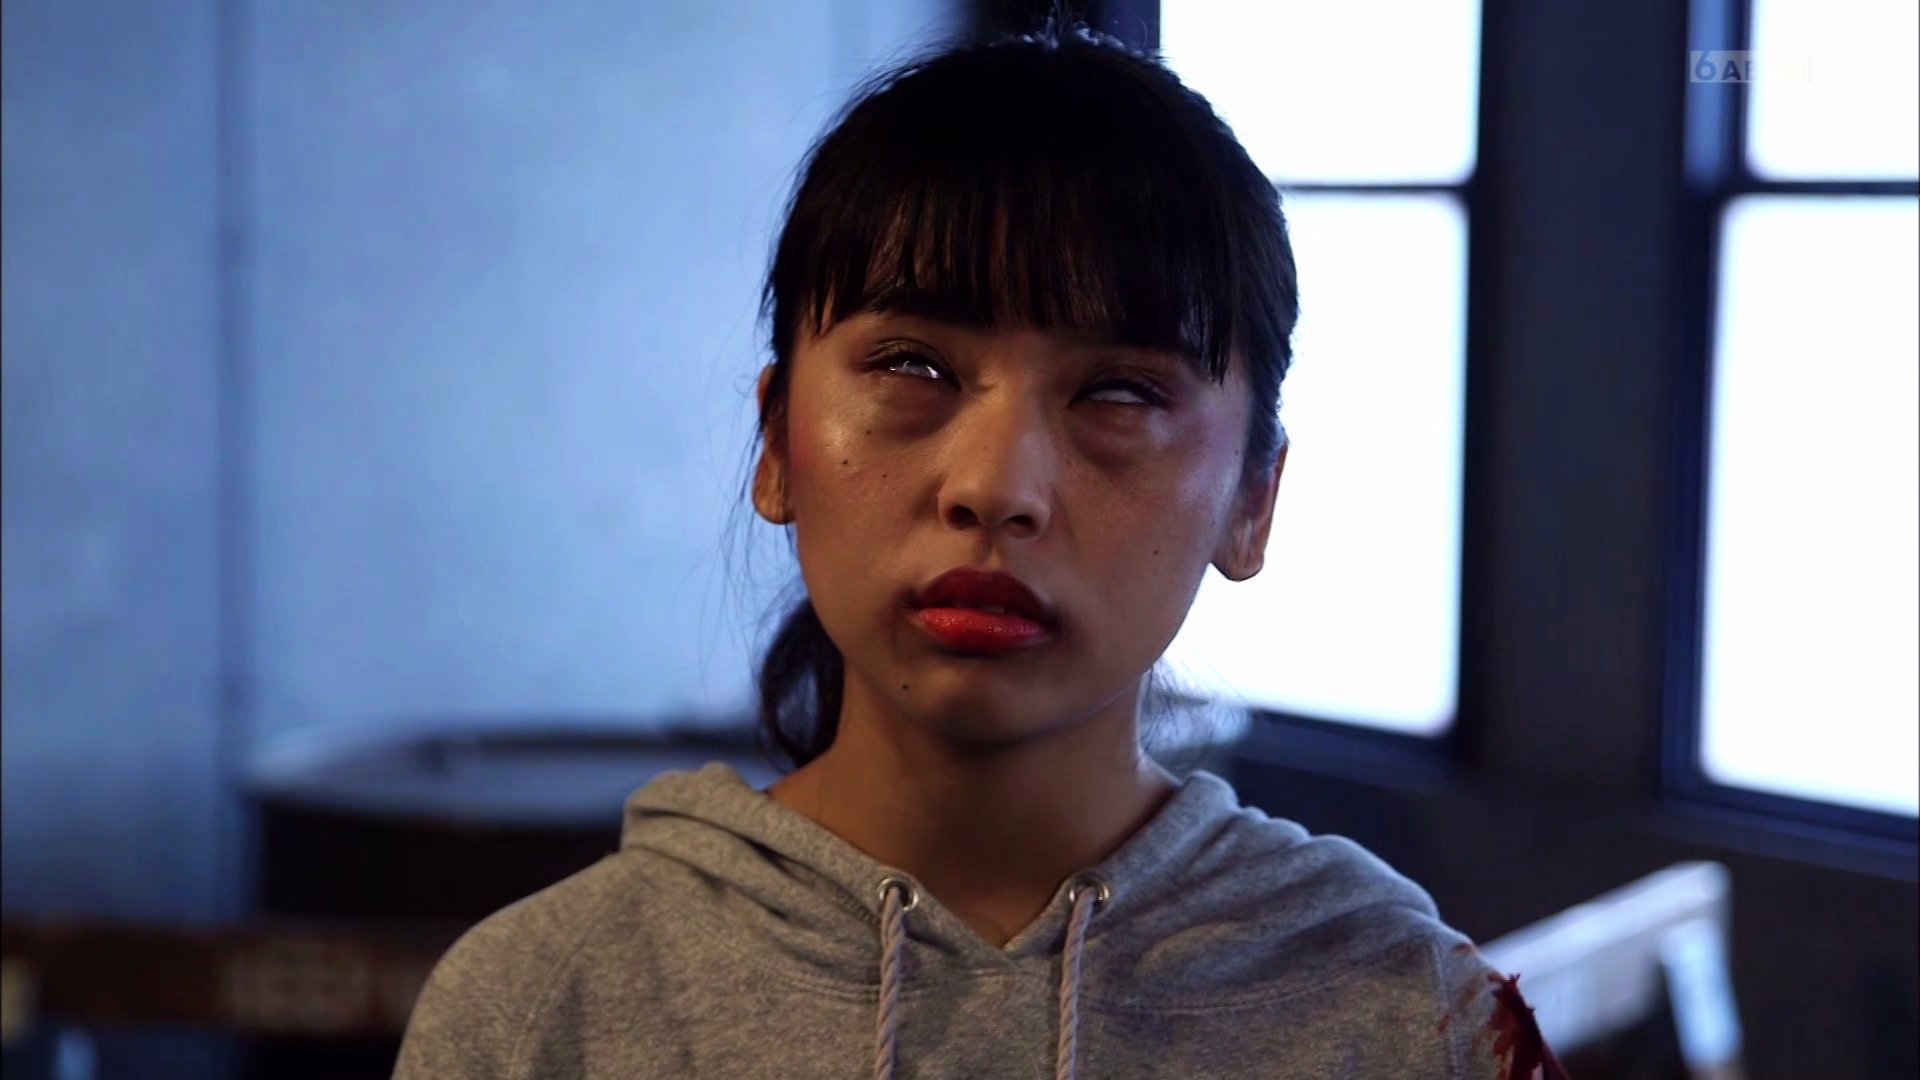 【村瀬紗英/川上千尋/山尾梨奈】6月9日放送「第1話」#8の画像。ゾンビドラマを作る。